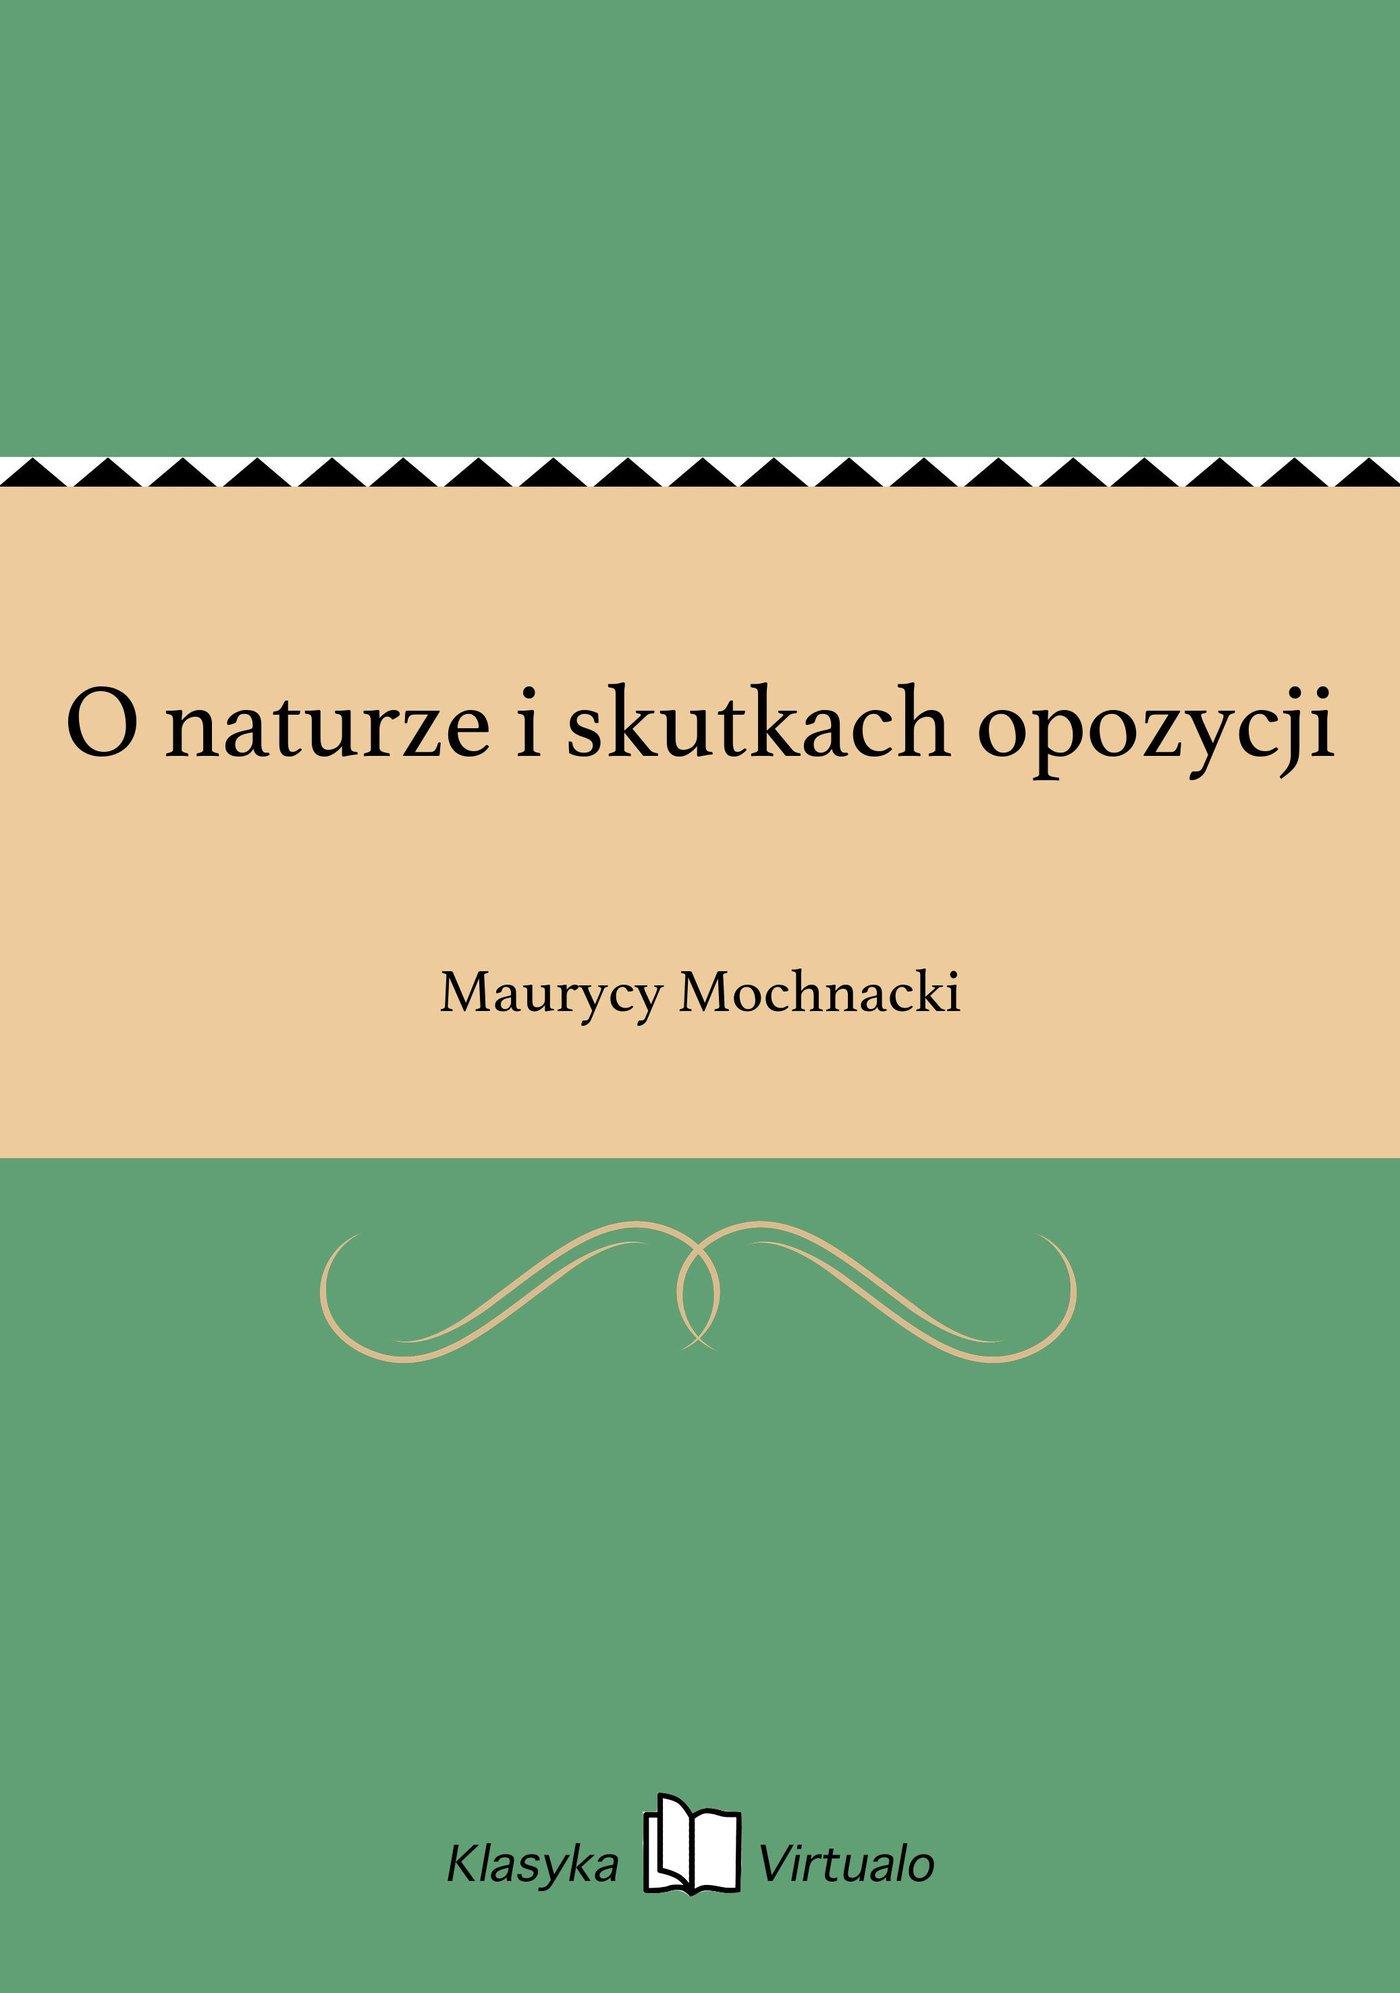 O naturze i skutkach opozycji - Ebook (Książka EPUB) do pobrania w formacie EPUB